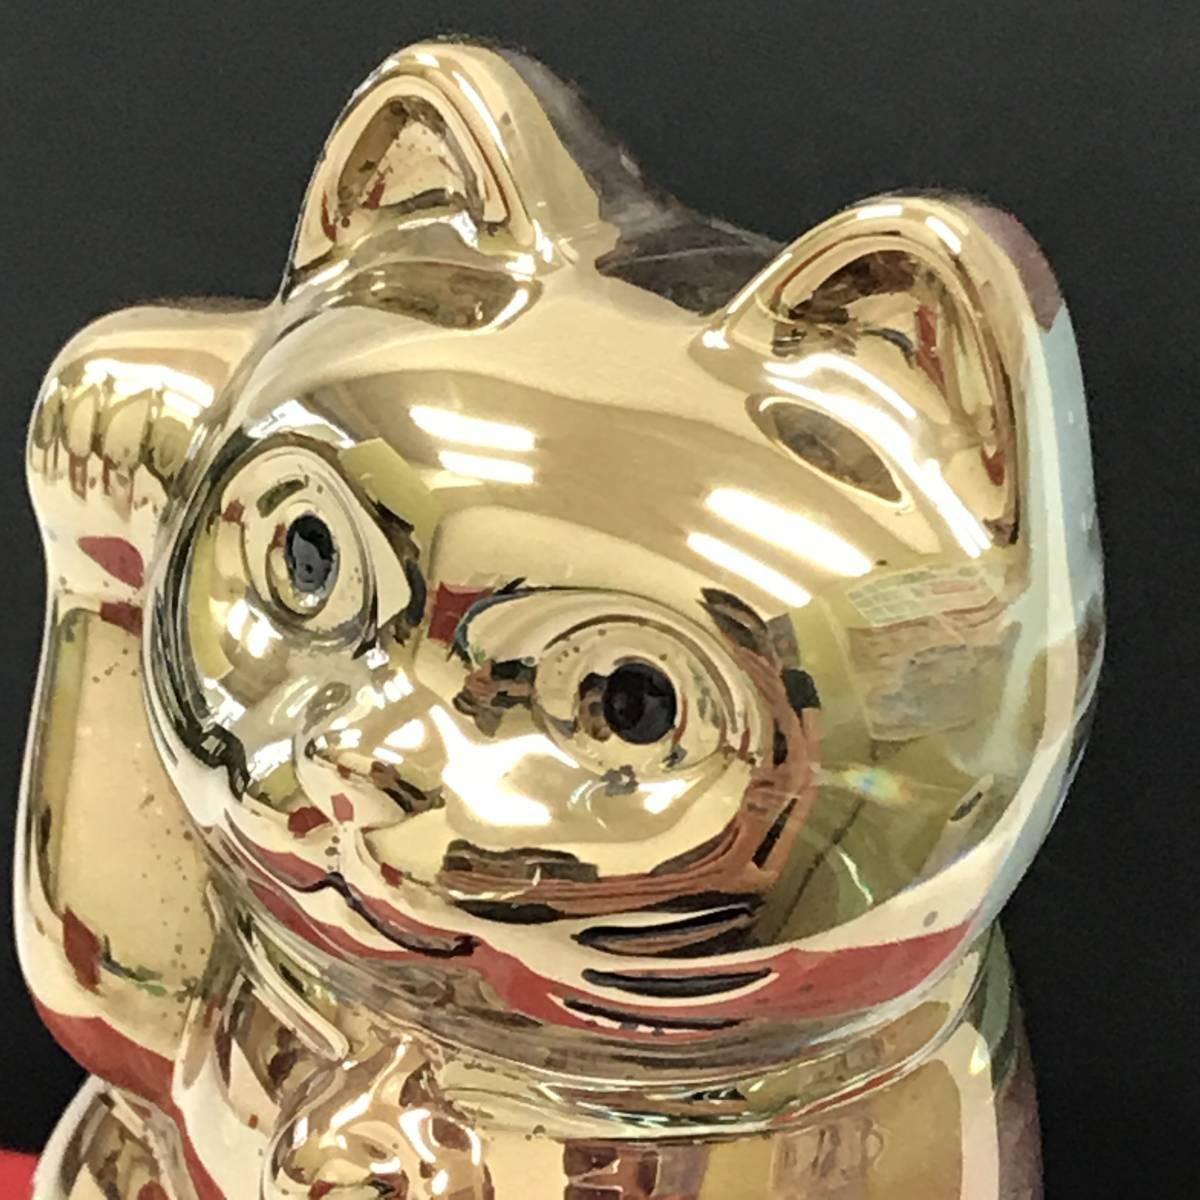 F 保管品 Baccarat バカラ 招き猫 ラッキーキャット ゴールド クリスタル 置物 フィギュリン 高さ 10cm 重さ500g 箱カード_画像8